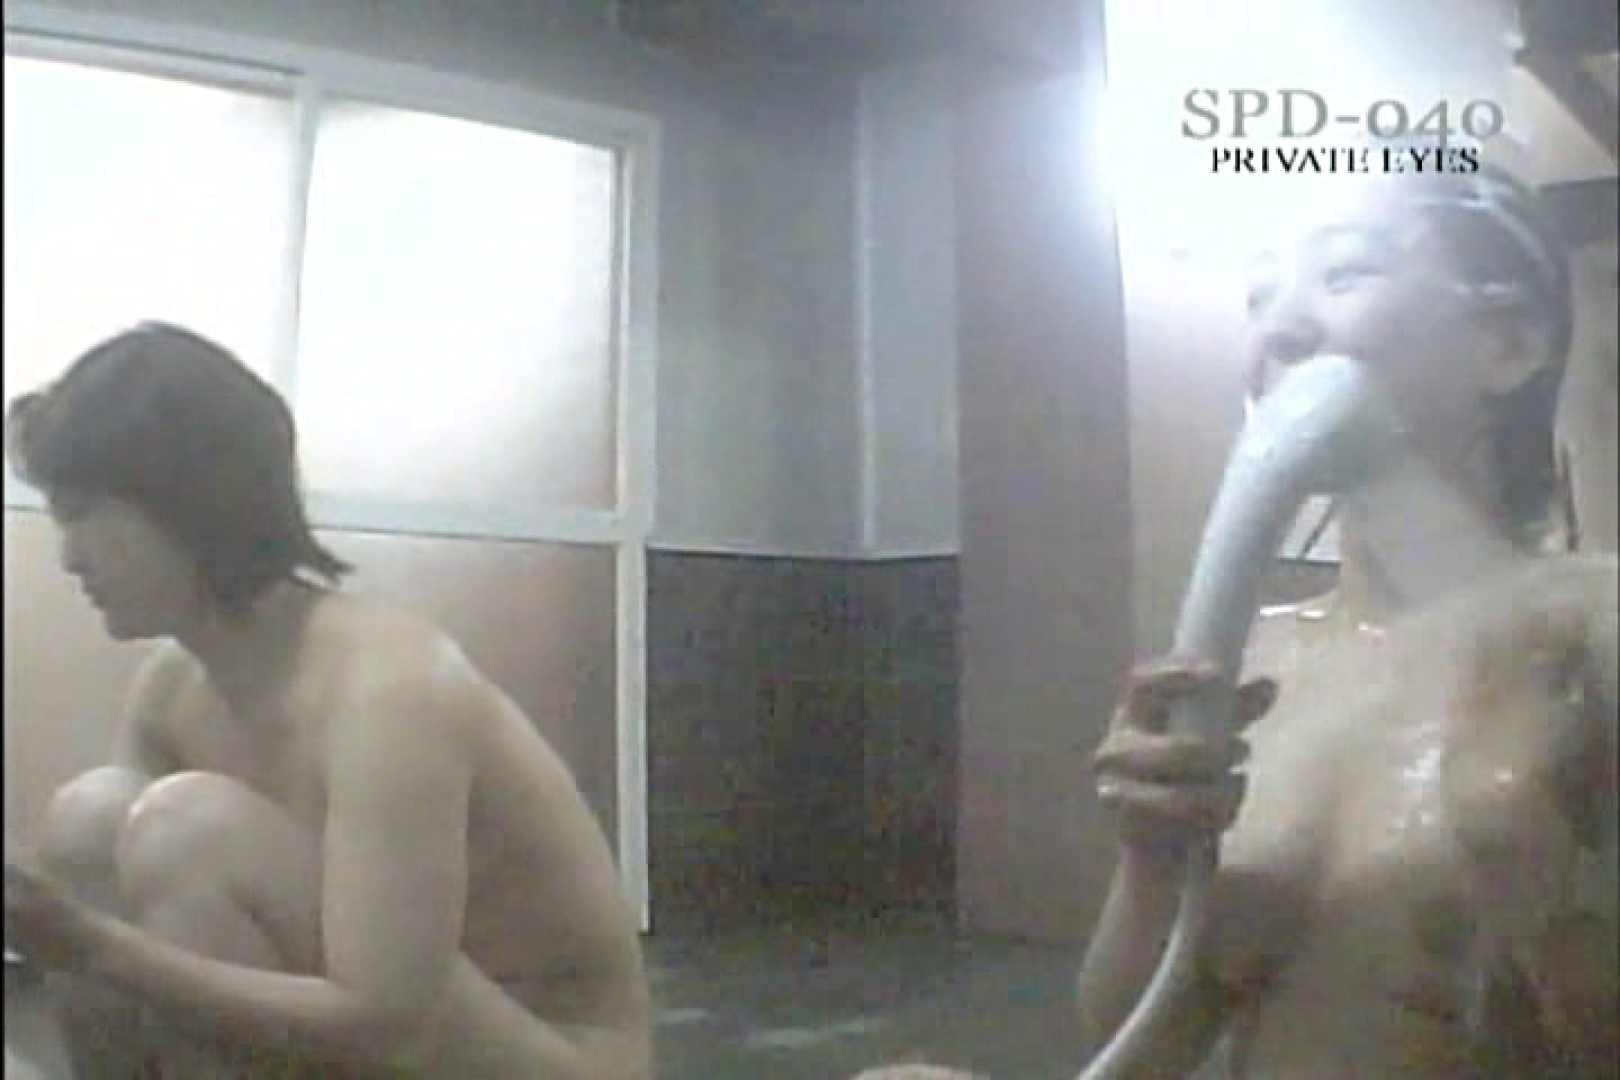 高画質版!SPD-040 ガラスの館 2 高画質 エロ画像 79枚 56